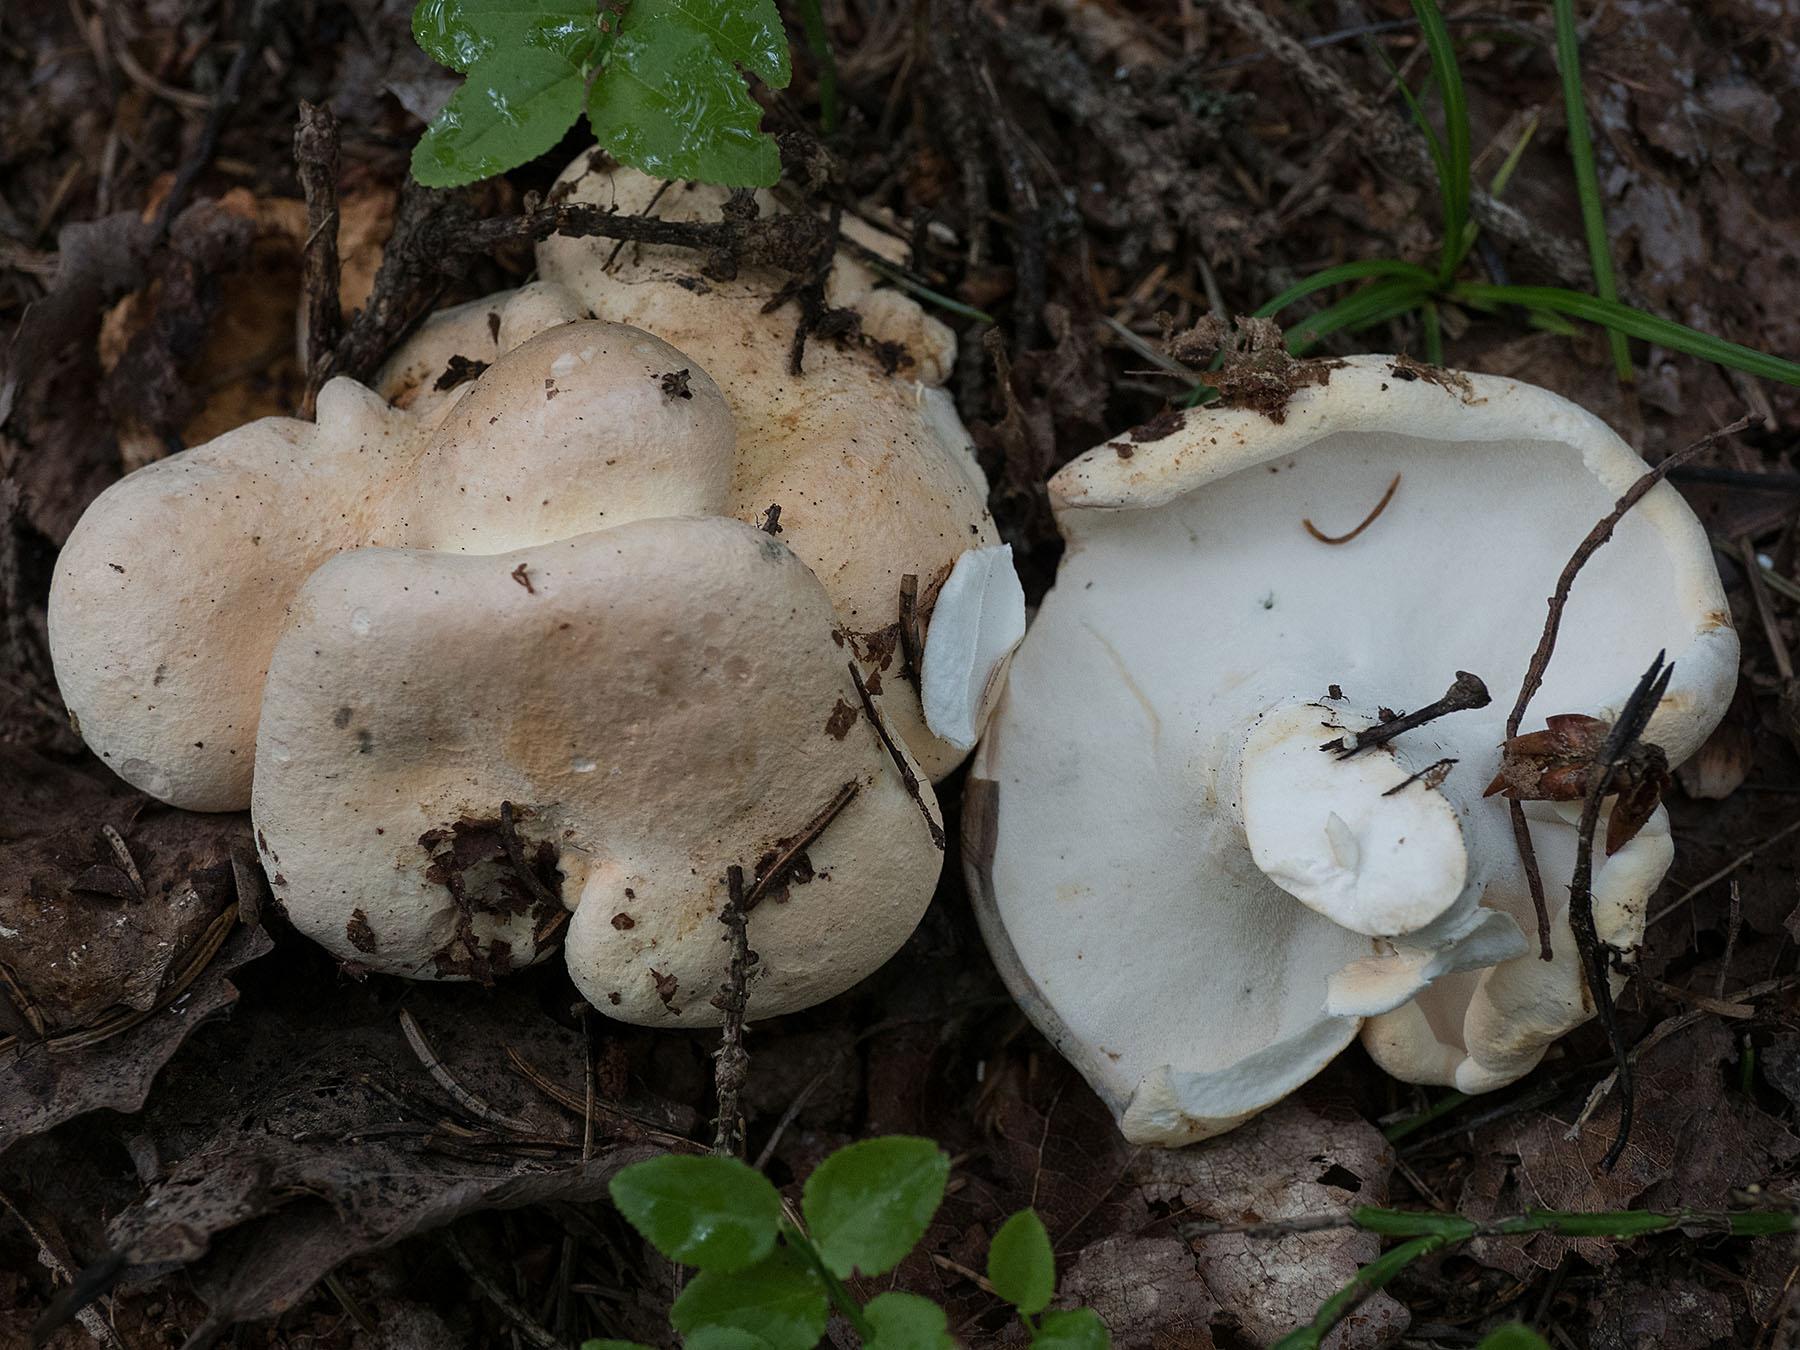 Альбатреллус сливающийся (Albatrellus confluens) типичный вид для шведских лесов. Встречается во второй половине лета и первой половине осени. Автор фото: Сутормина Марина